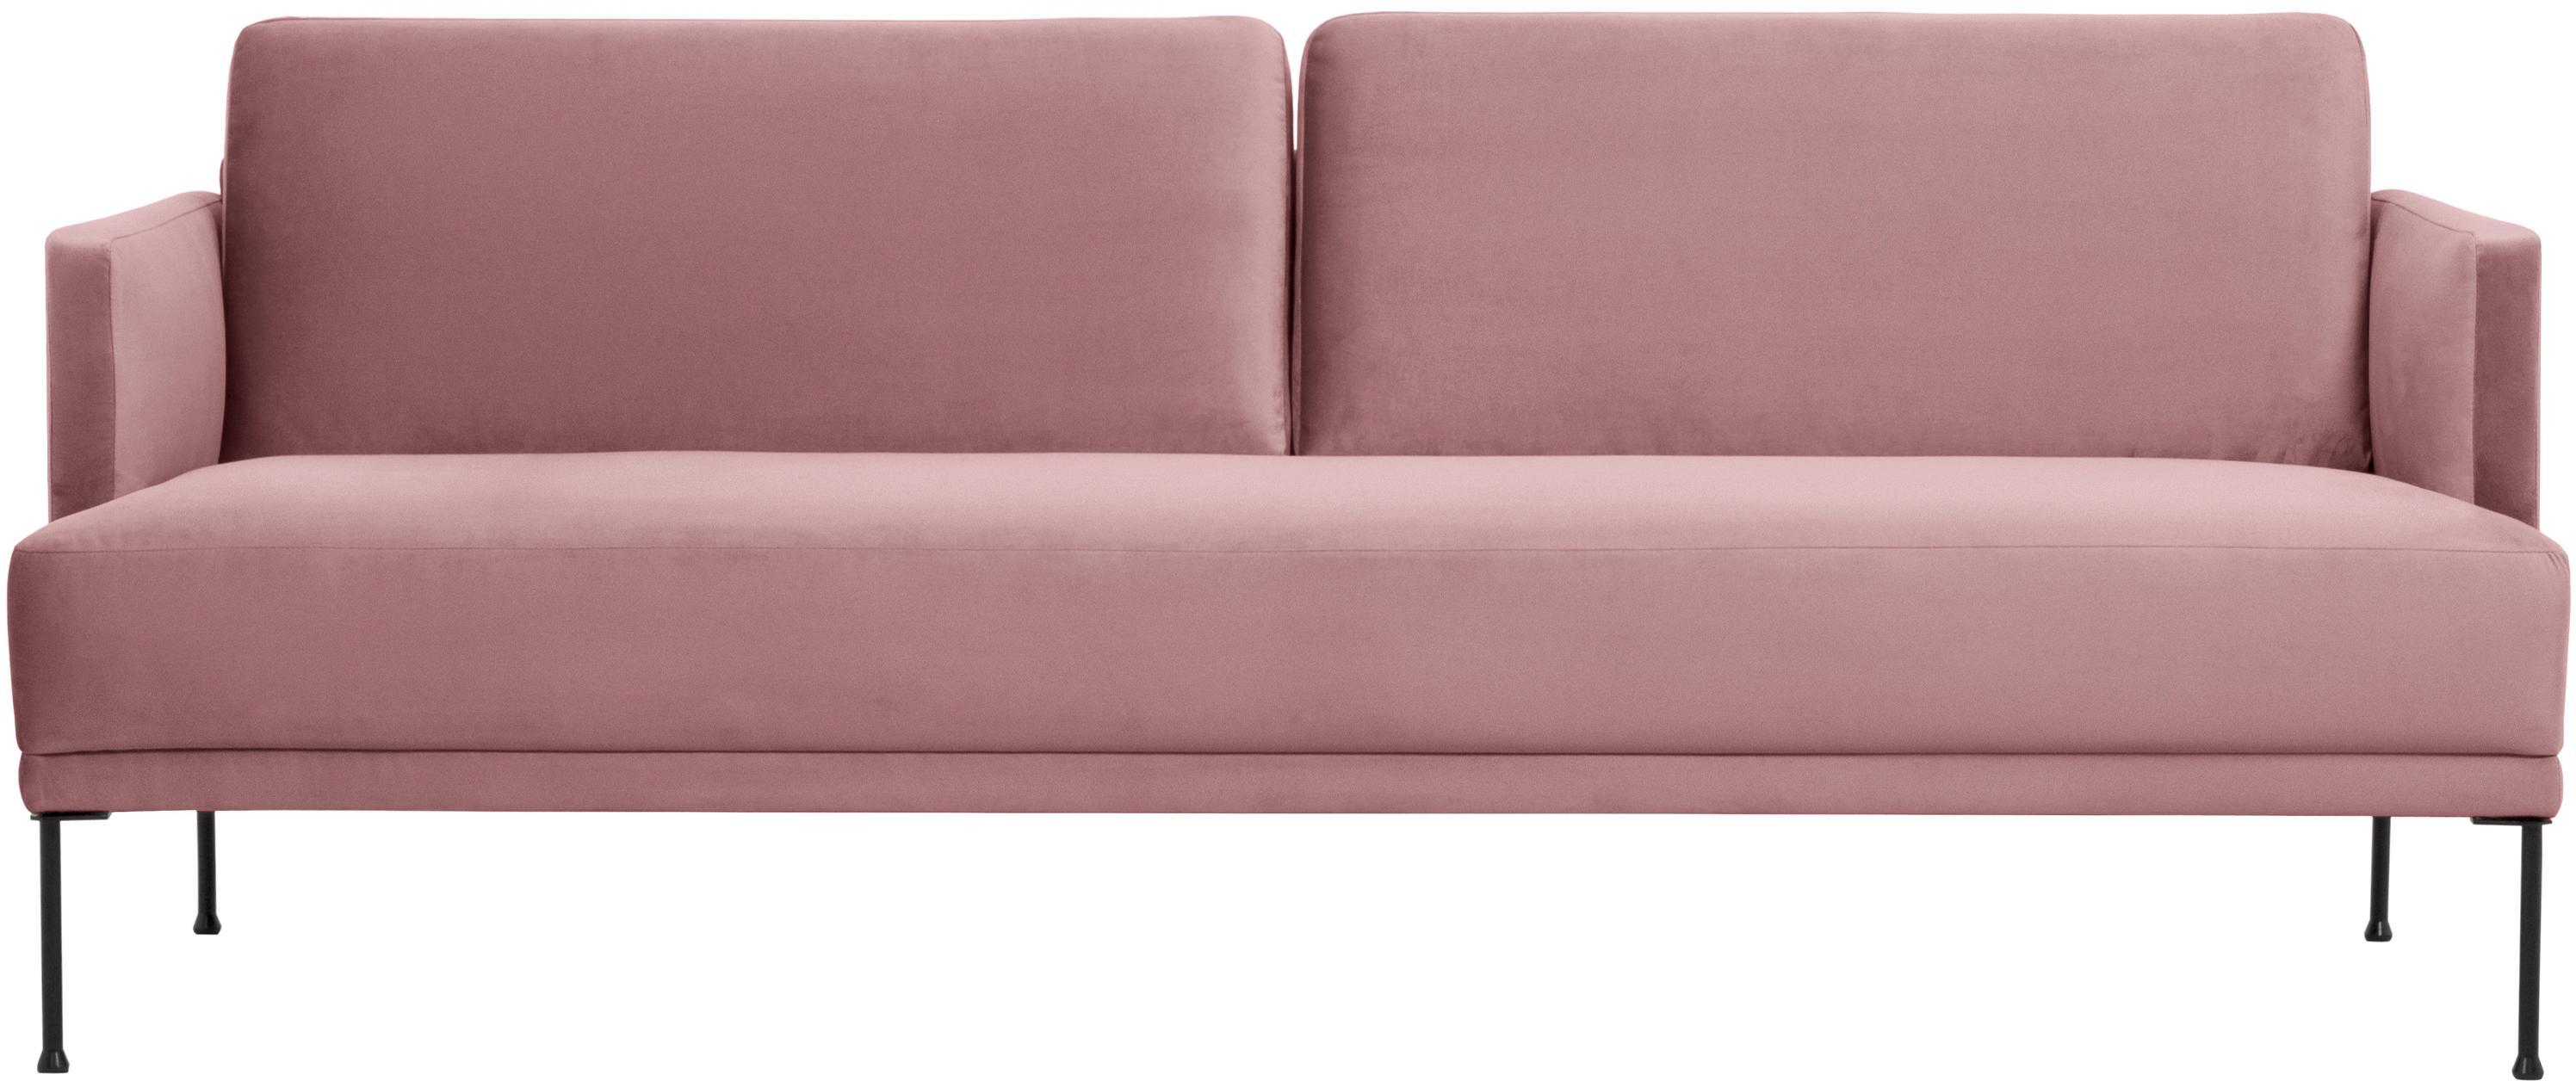 Fluwelen bank Fluente (3-zits), Bekleding: fluweel (hoogwaardig poly, Frame: massief grenenhout, Poten: gepoedercoat metaal, Roze, B 196 x D 85 cm